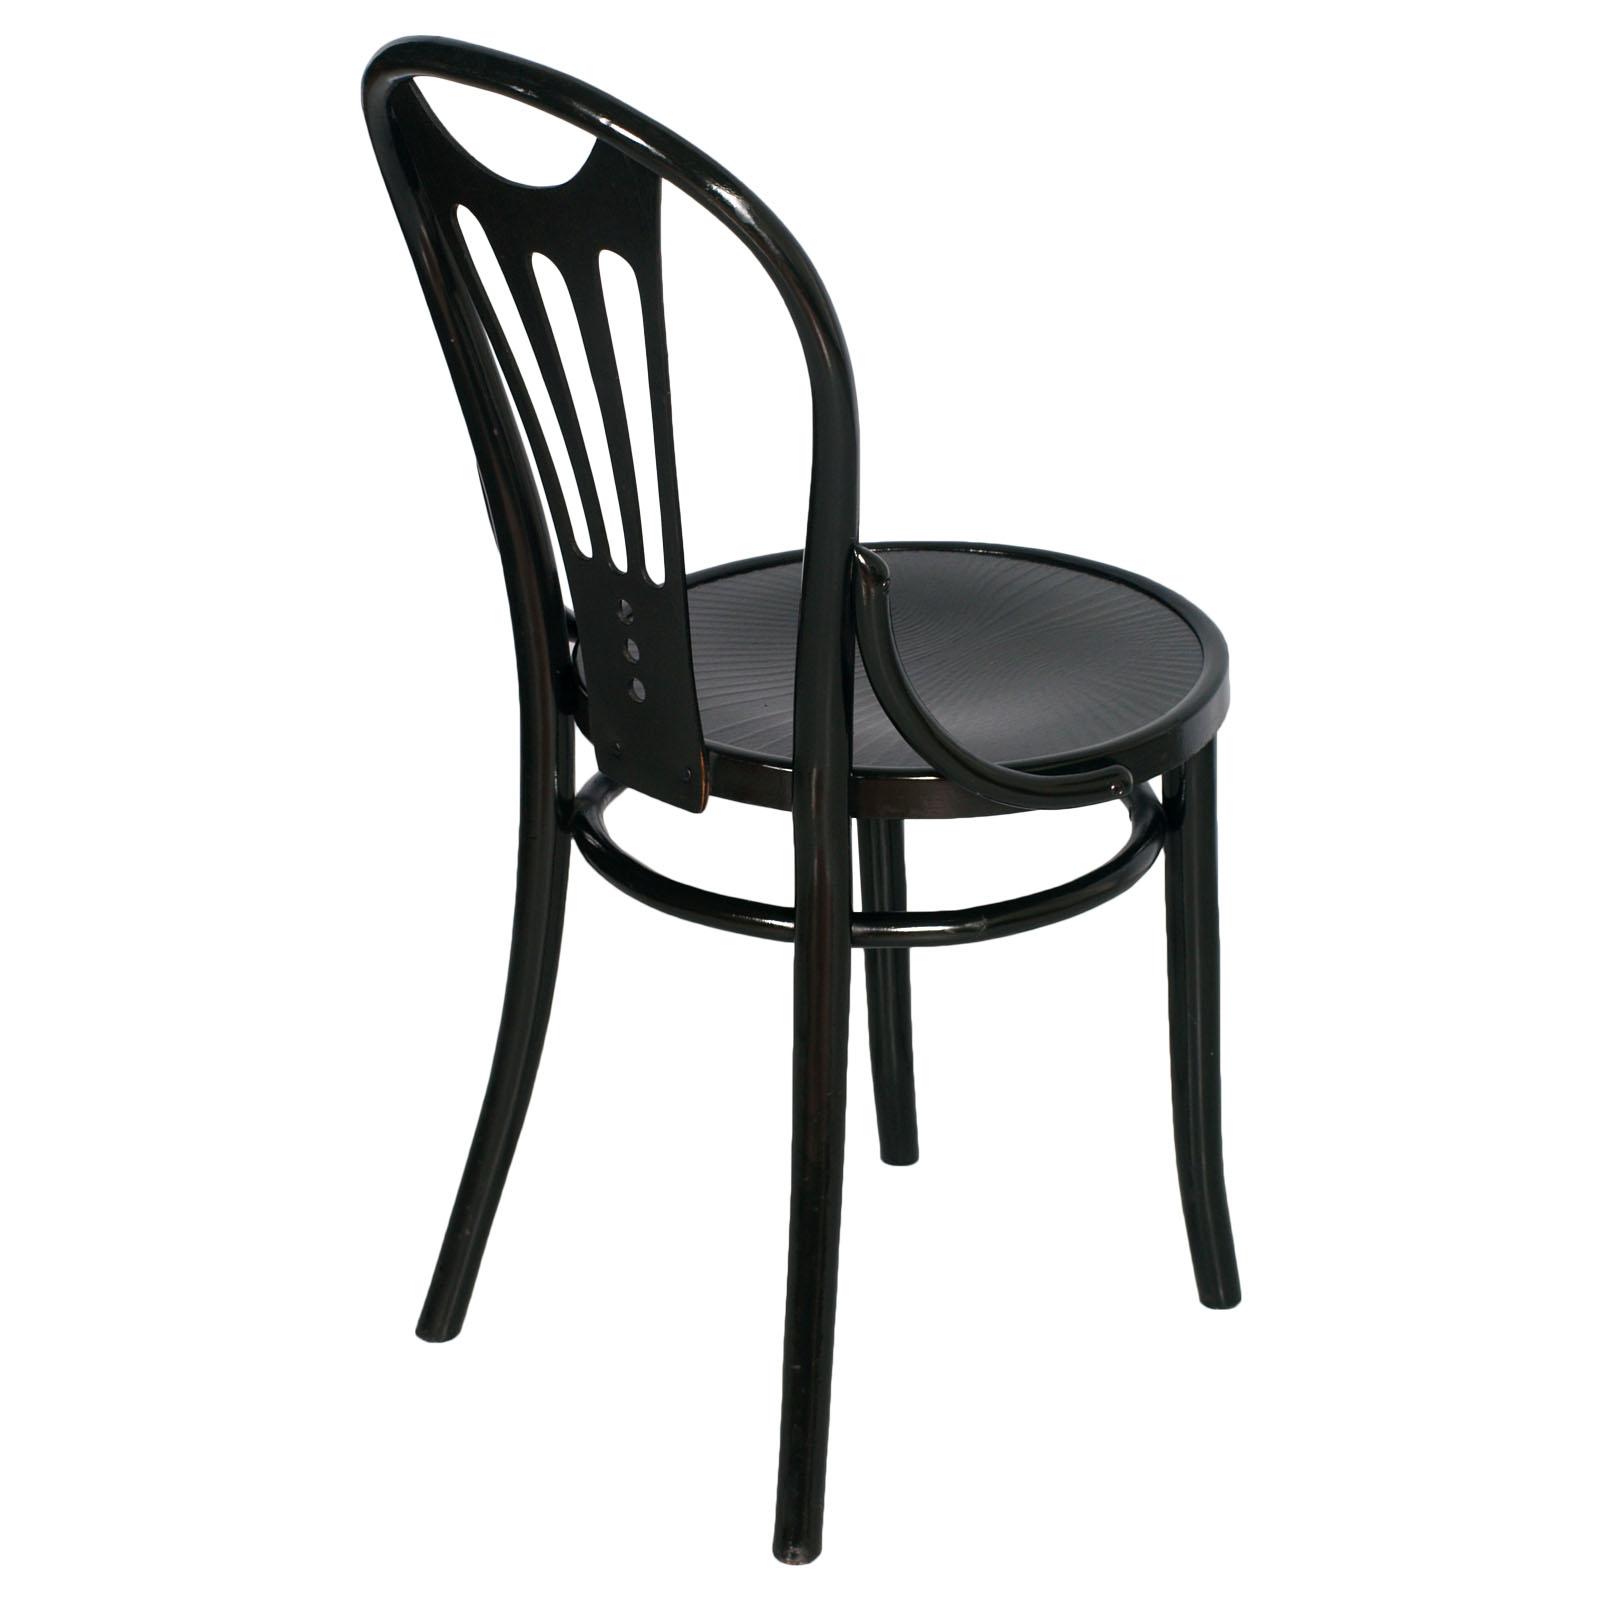 Thonet Sedie L Esteta In Soggiorno : Set quattro sedie thonet in faggio curvato liberty black